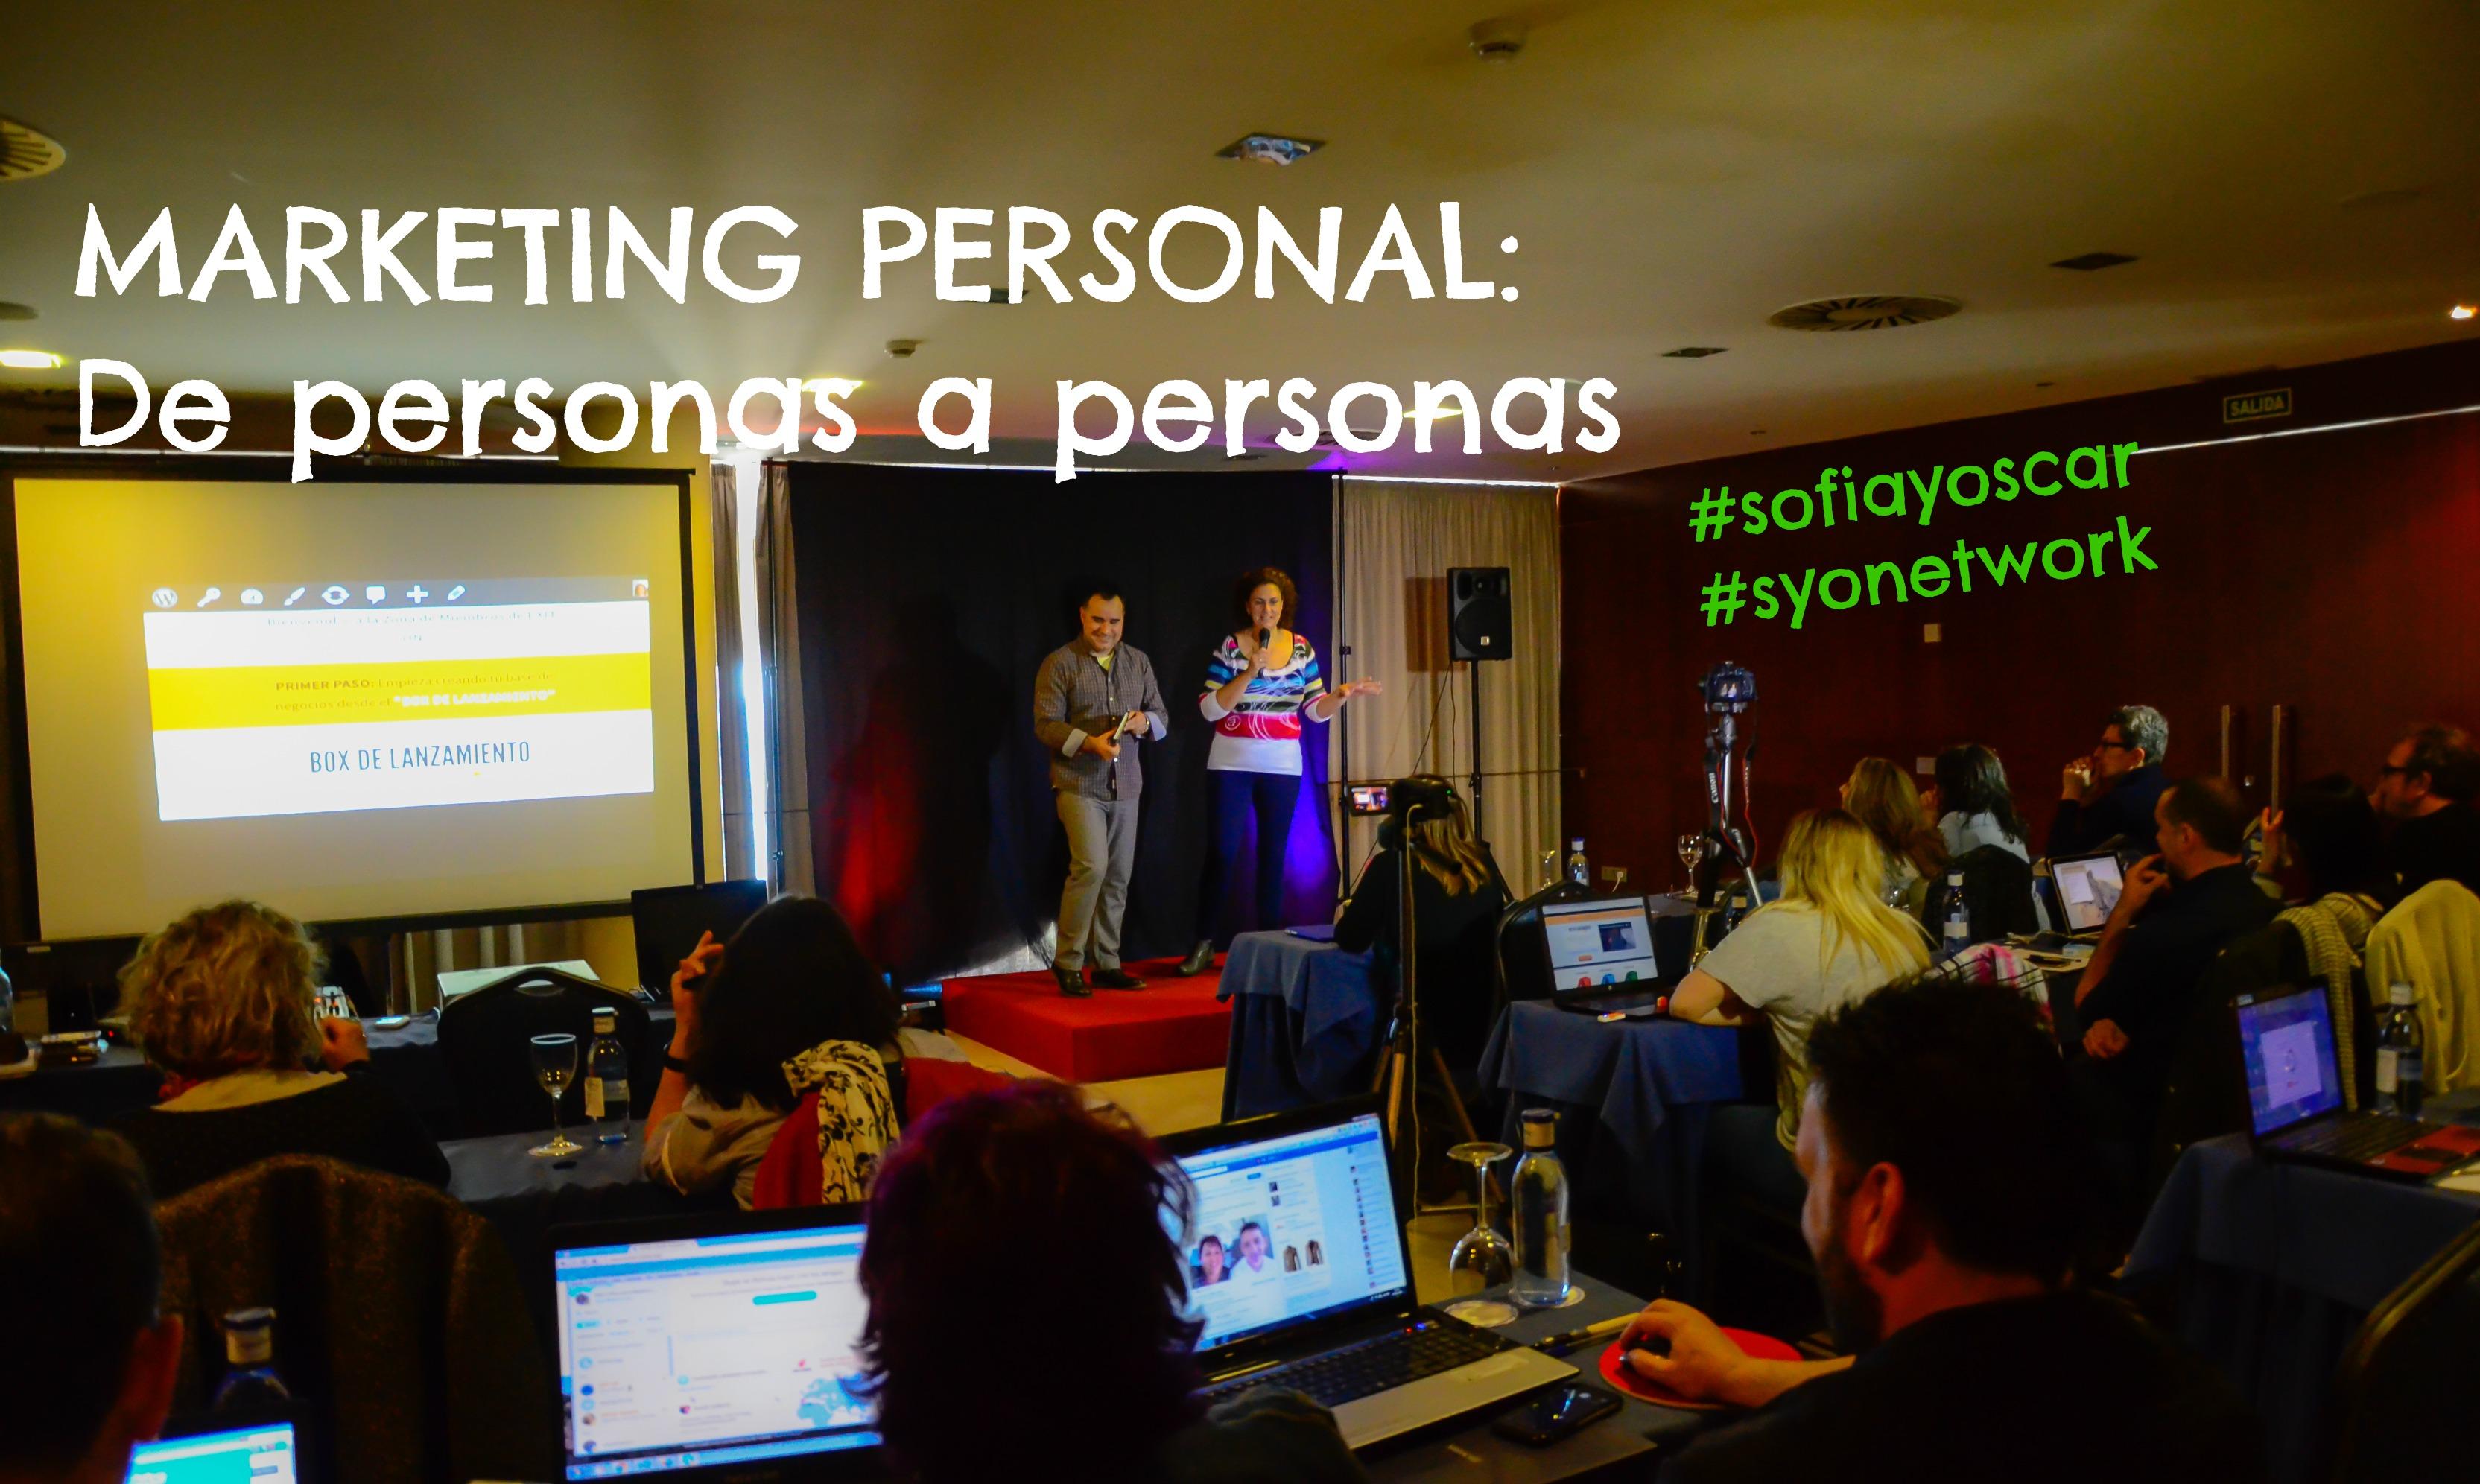 Marketing Personal: De personas a personas